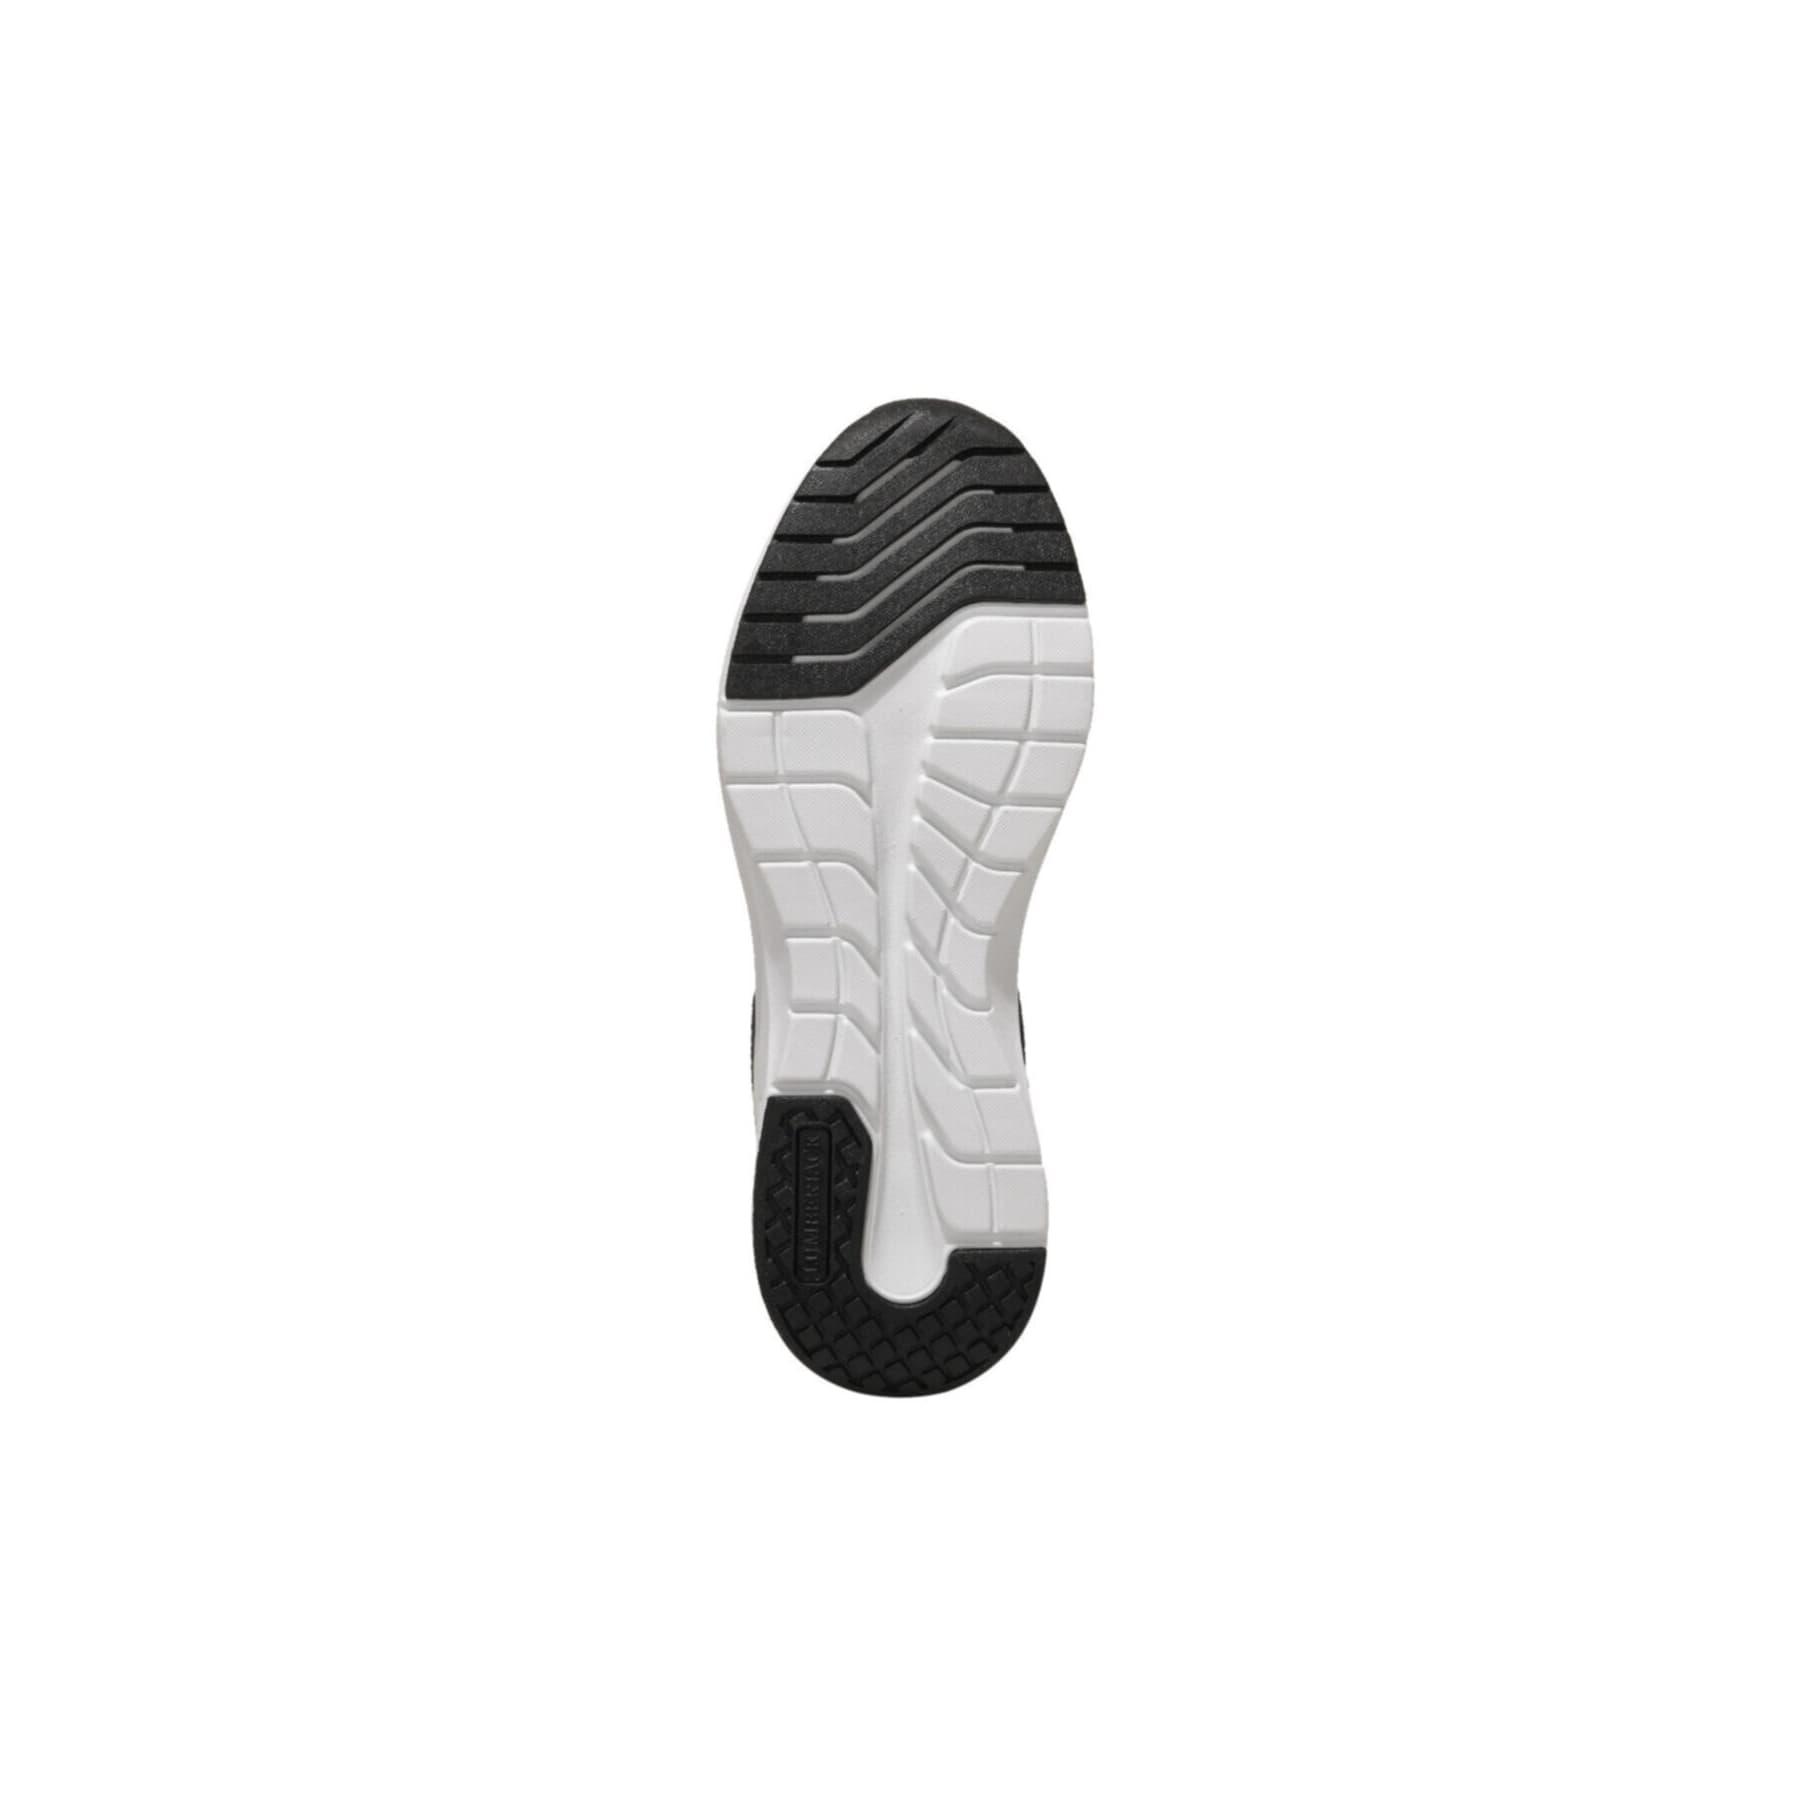 Horse Erkek Siyah Koşu Ayakkabısı (100601959)